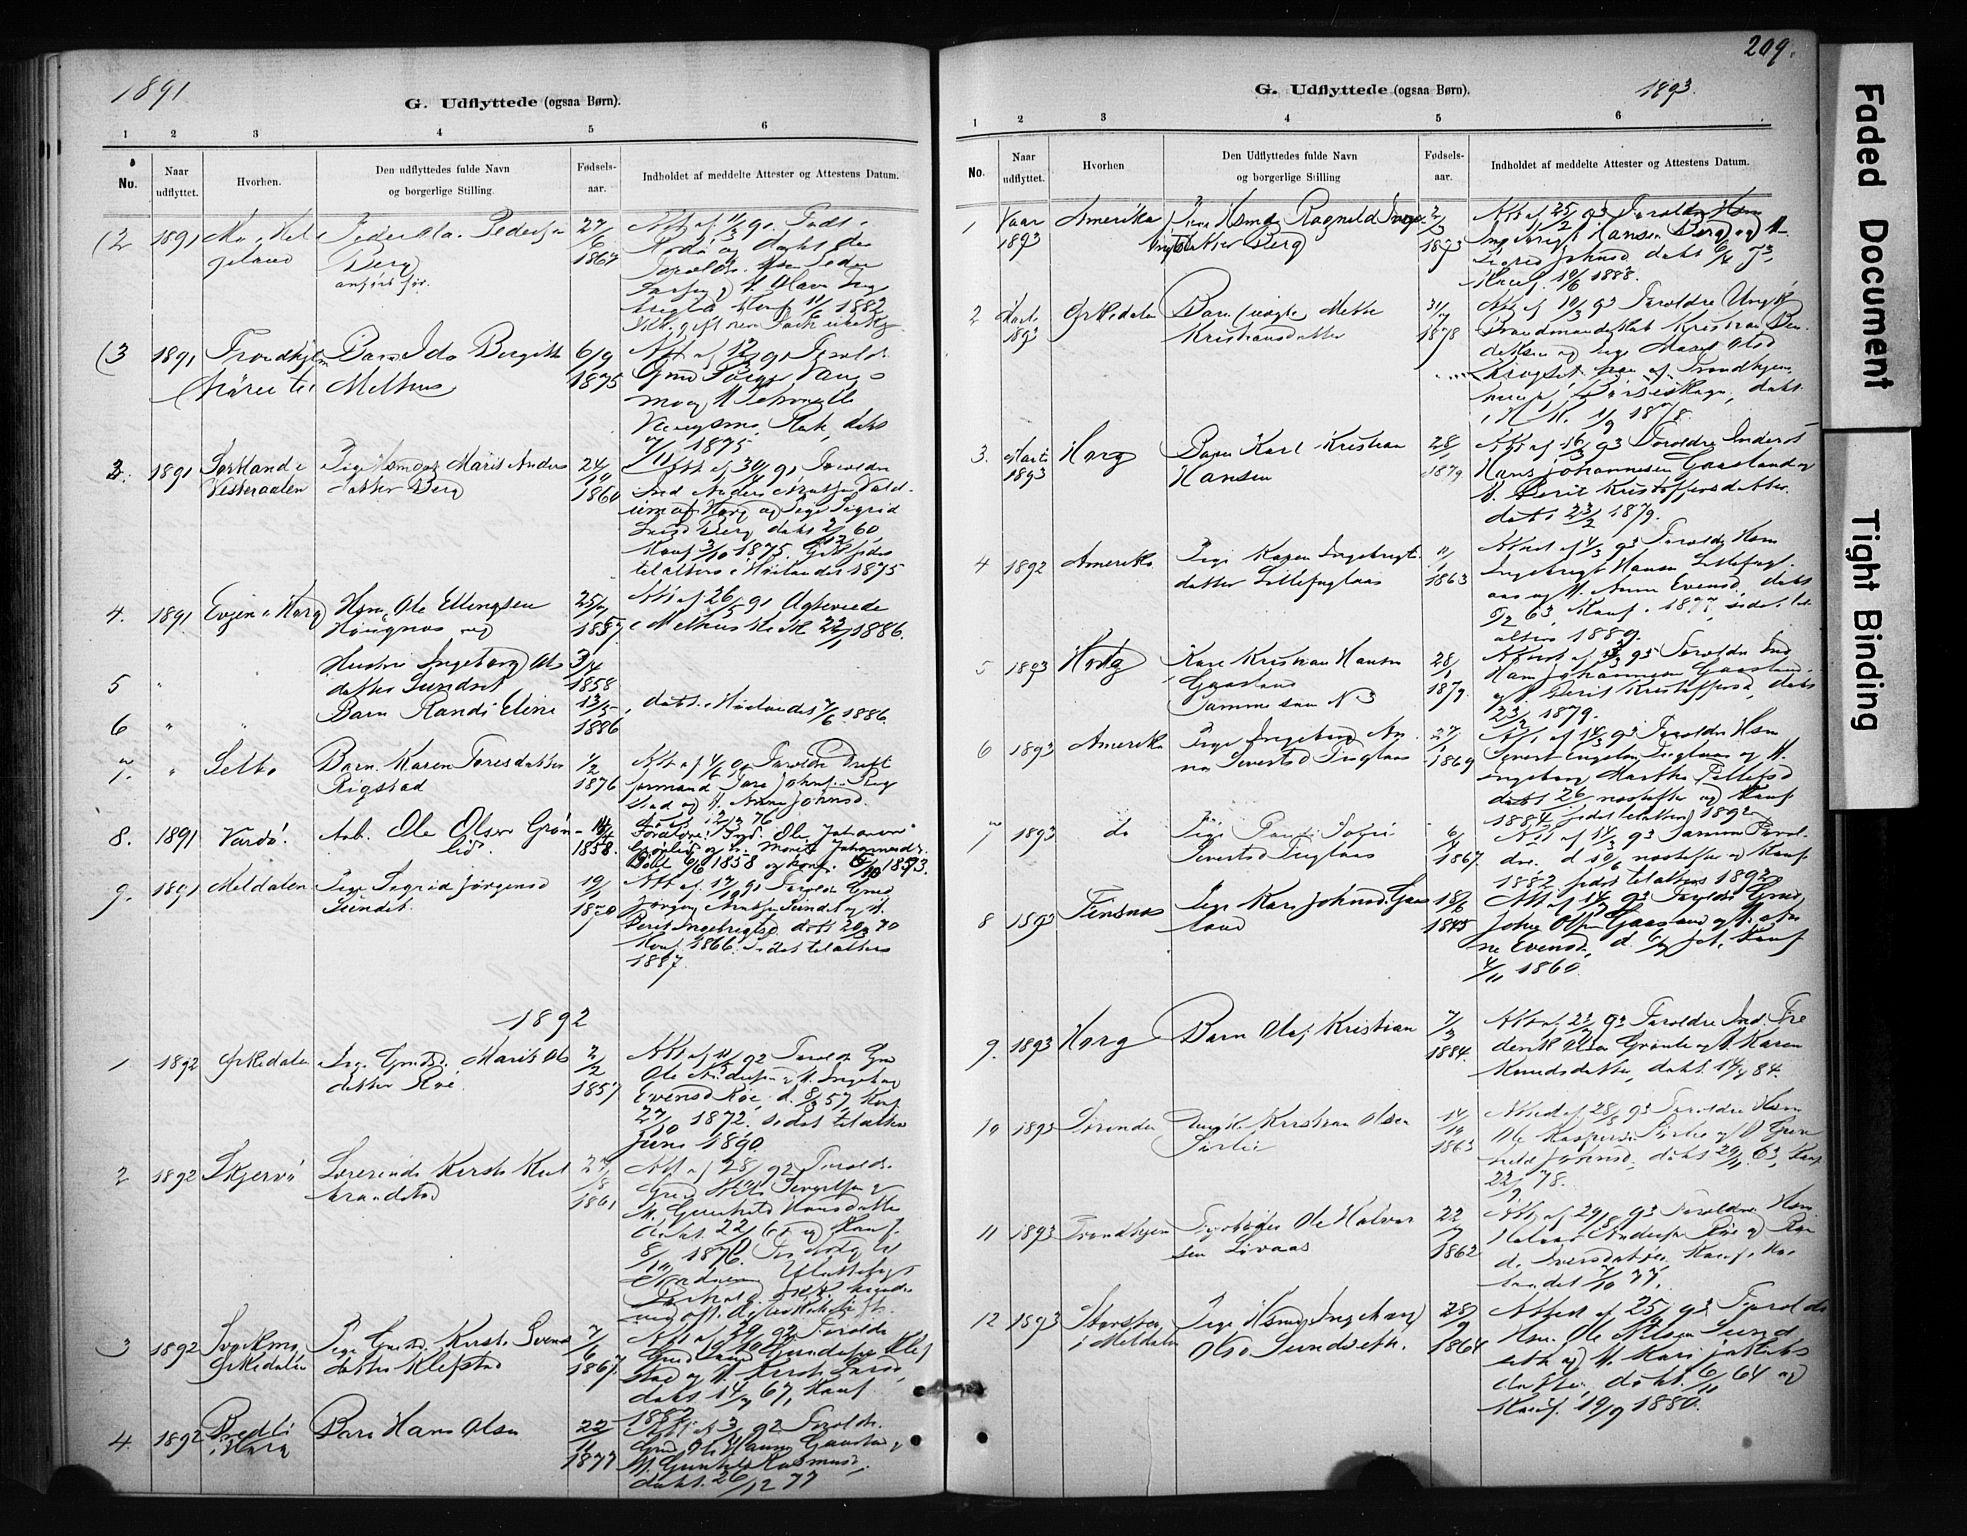 SAT, Ministerialprotokoller, klokkerbøker og fødselsregistre - Sør-Trøndelag, 694/L1127: Ministerialbok nr. 694A01, 1887-1905, s. 209